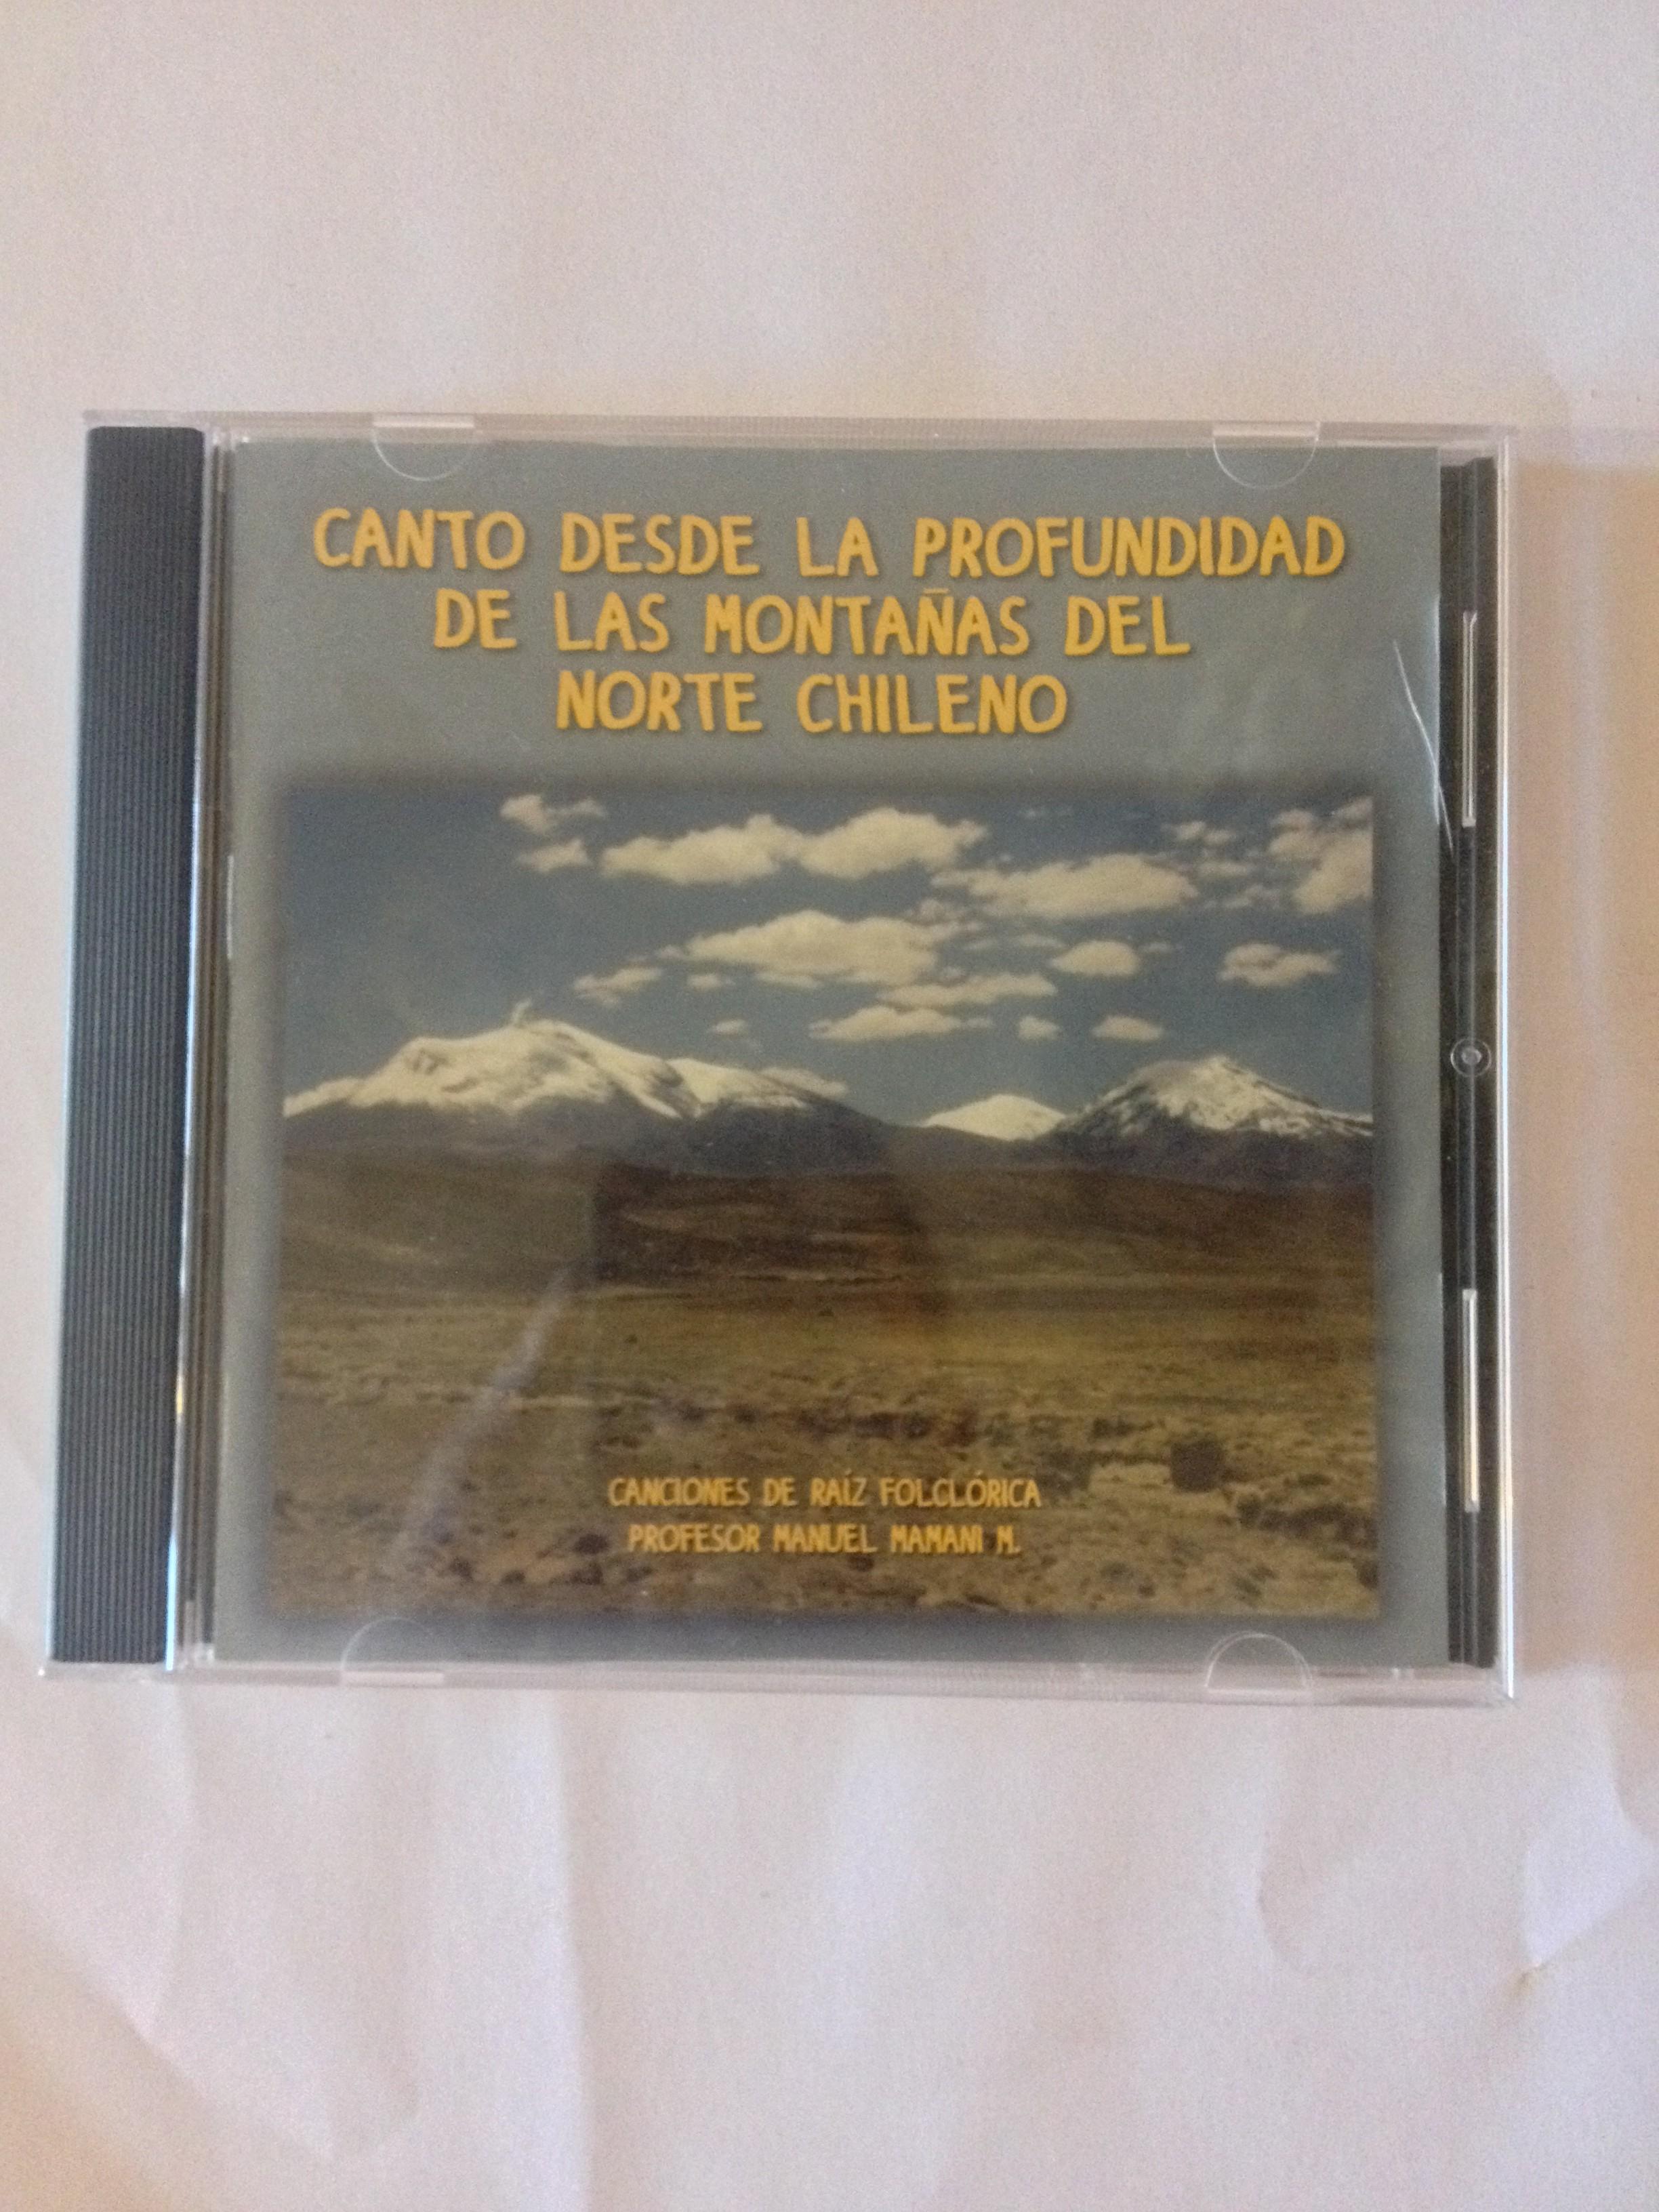 Cantos desde la produndidad de las montañas del norte chileno